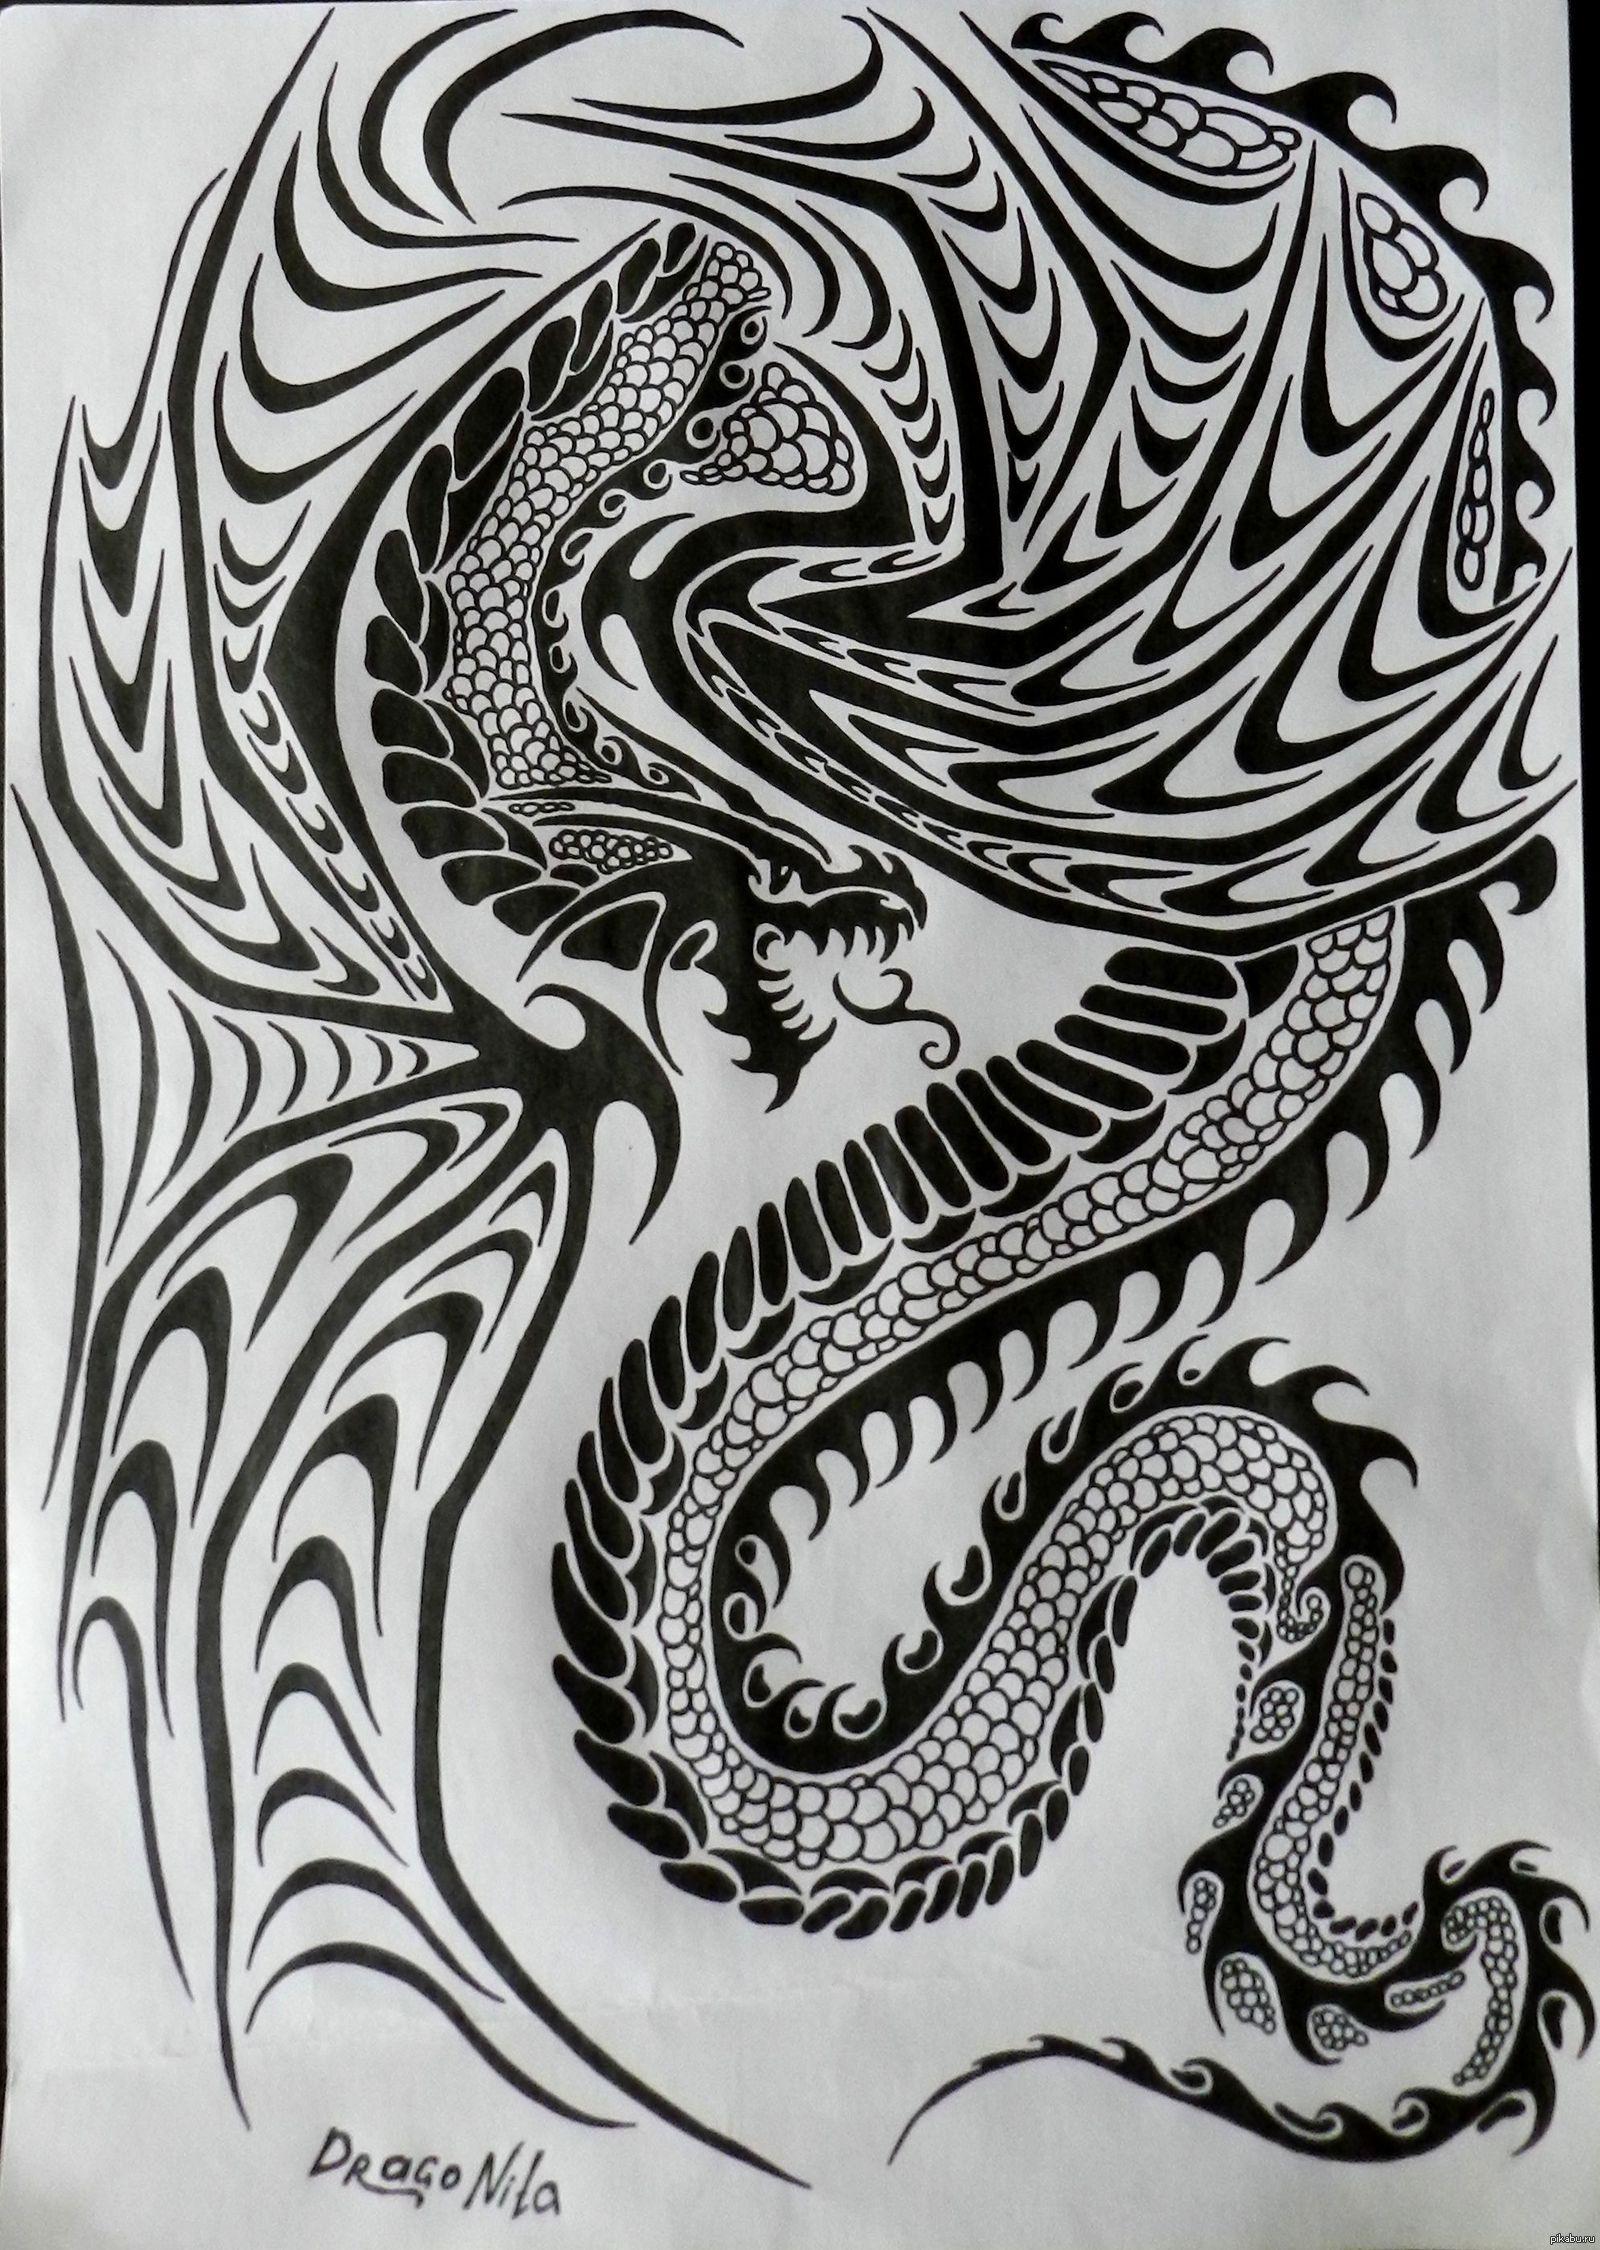 Картинок графики татуировок ближайшие несколько